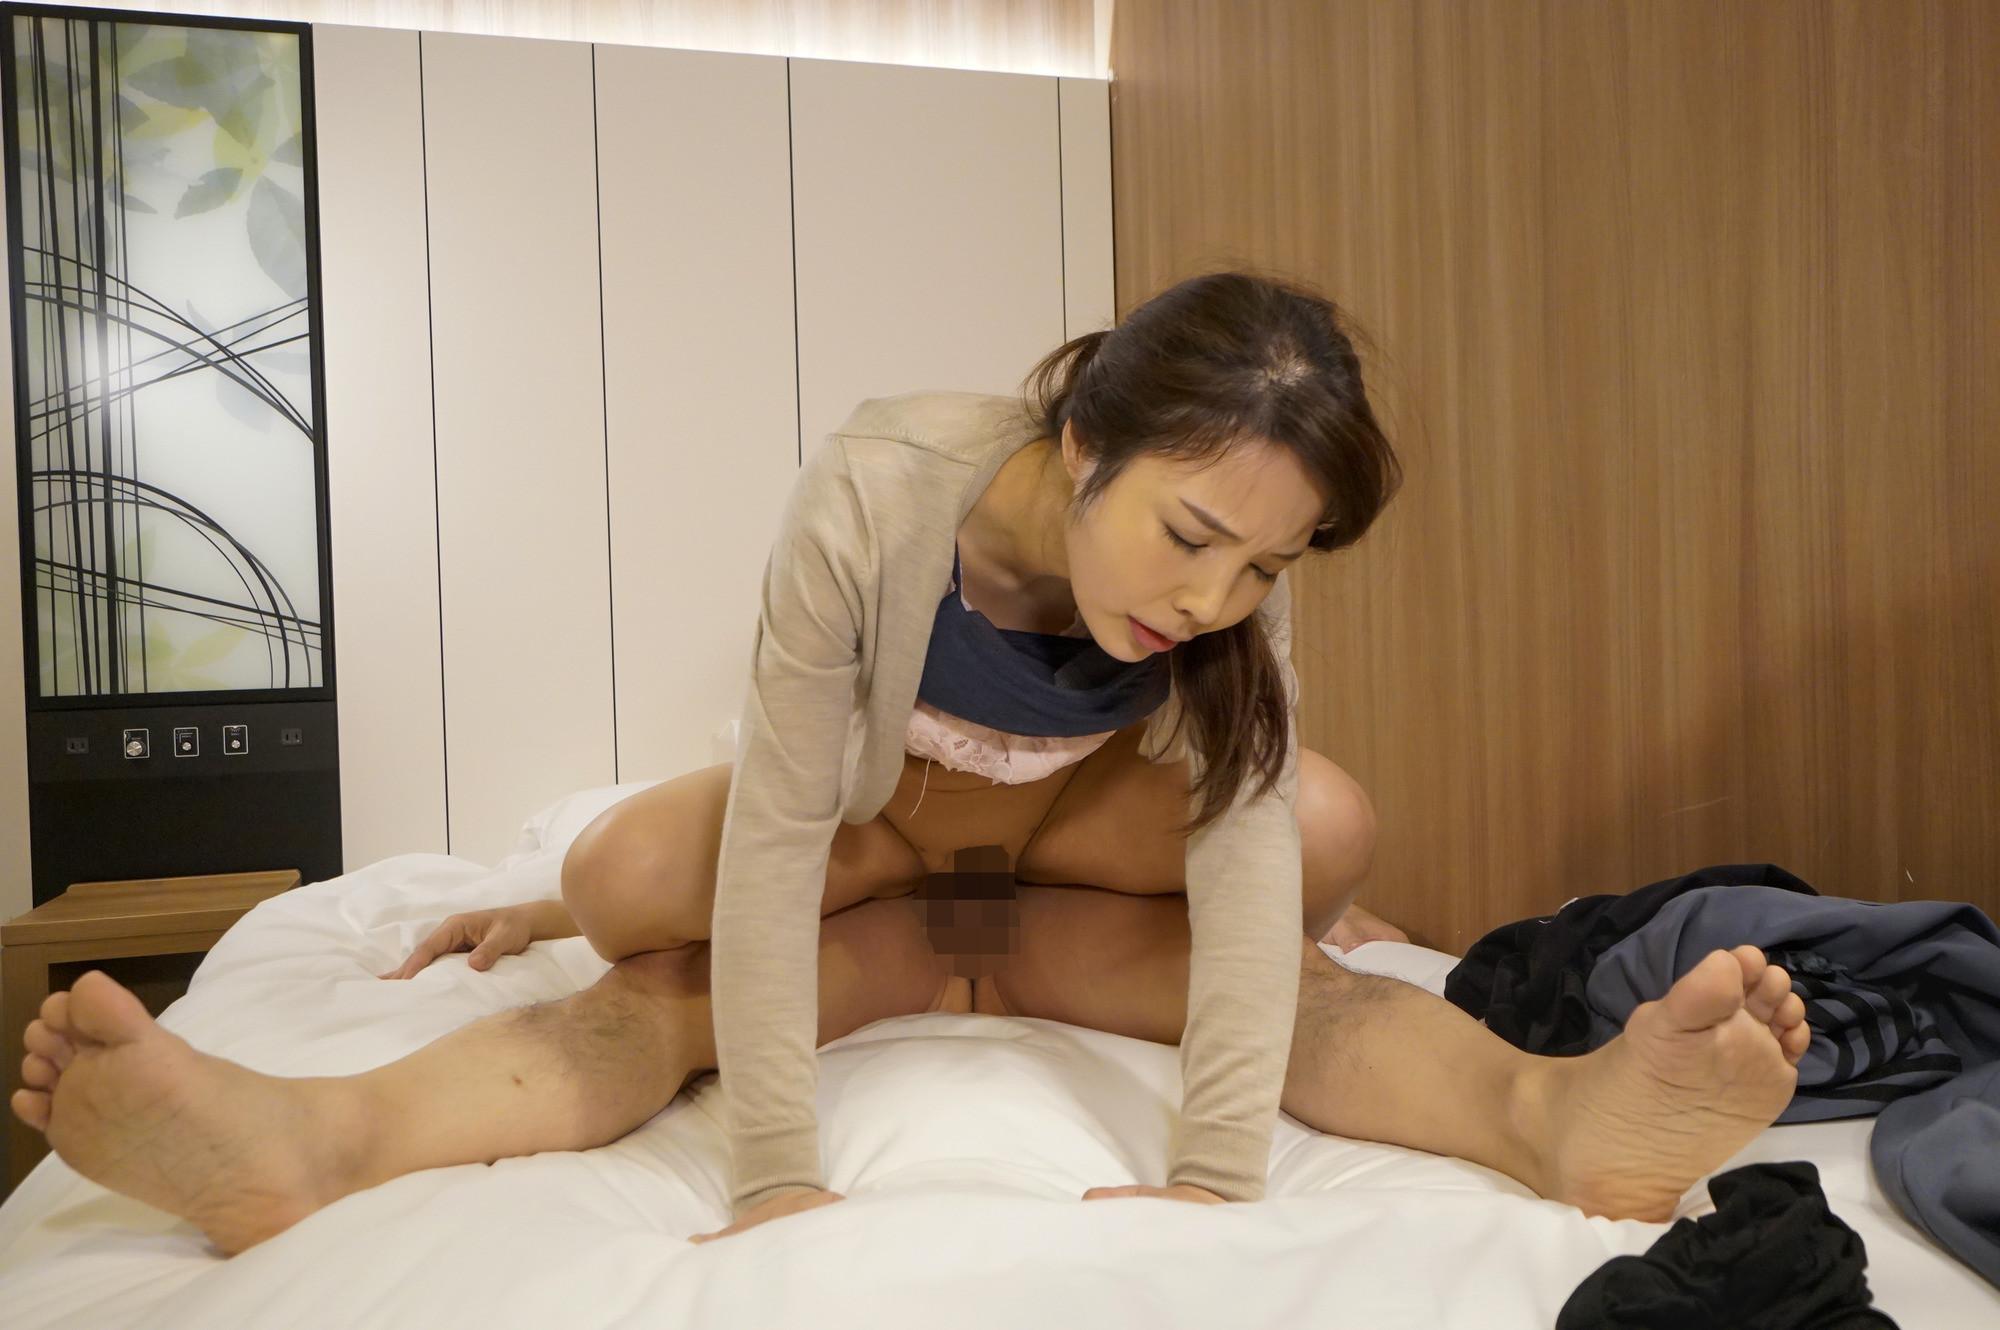 十年以上もセックスレスの美魔女マッサージ師に生挿入 恵麻48歳 画像13